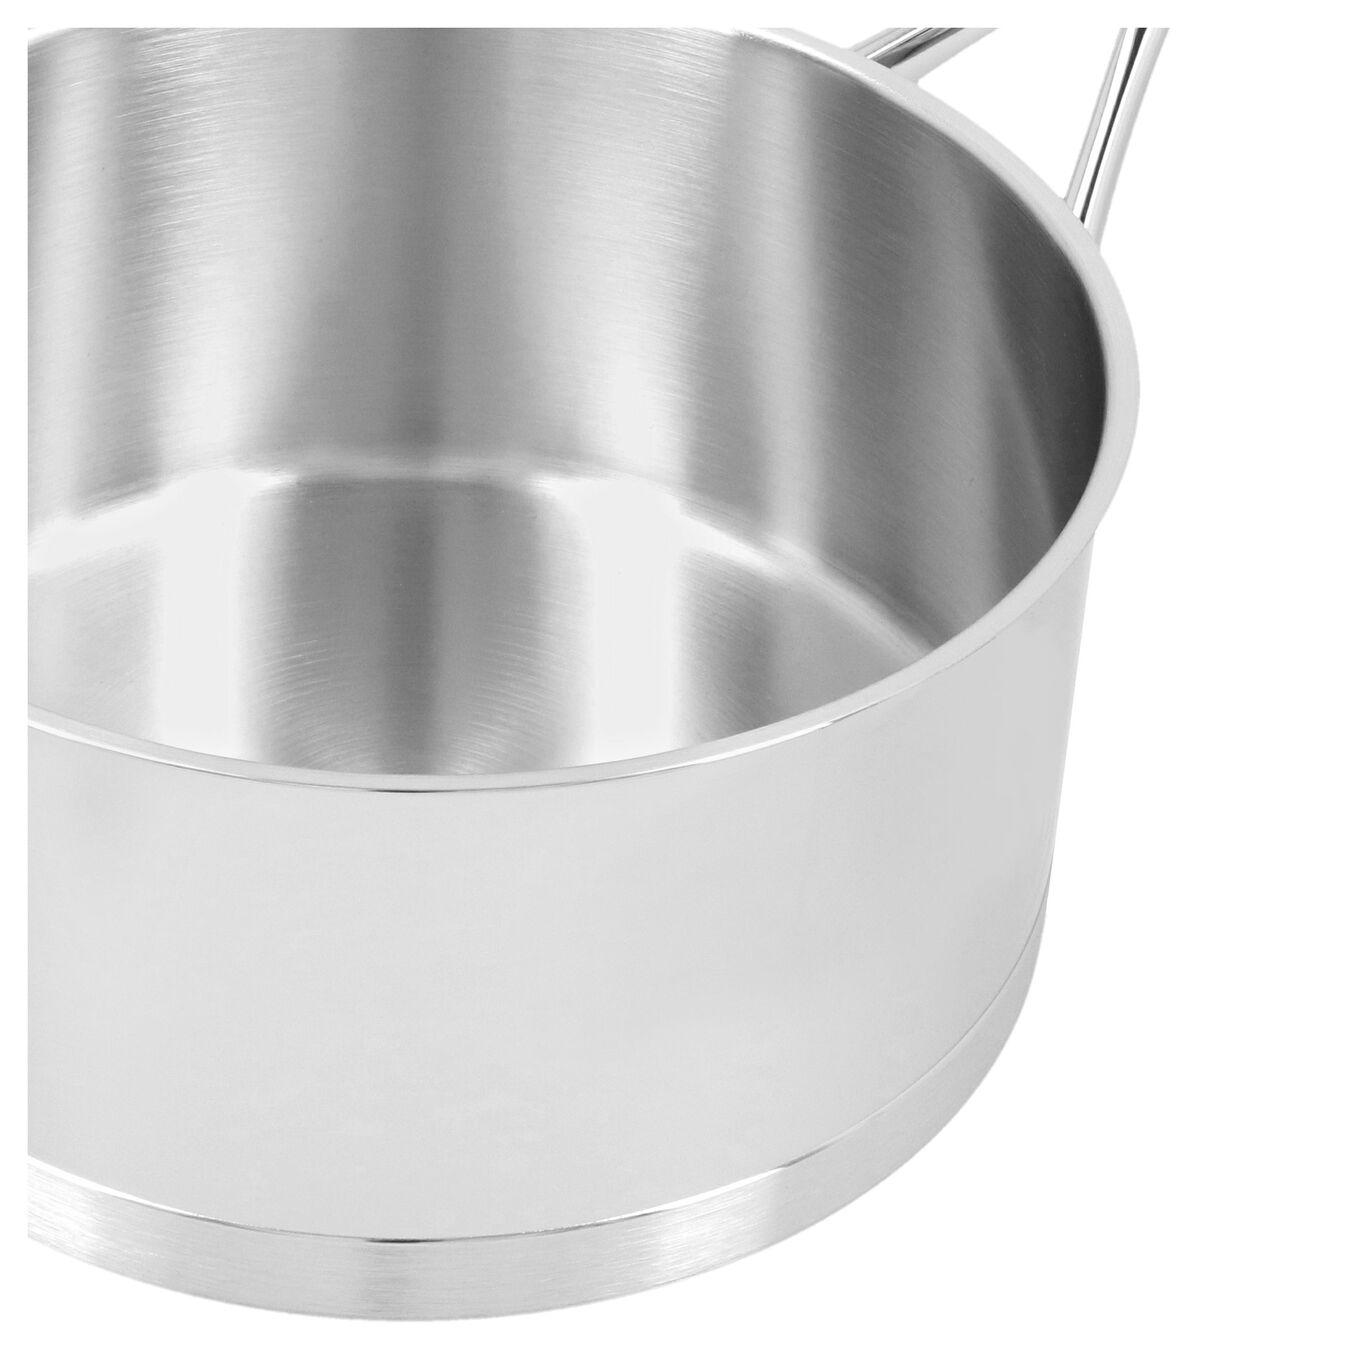 Casseruola con manico con coperchio - 20 cm, 18/10 acciaio inossidabile,,large 3